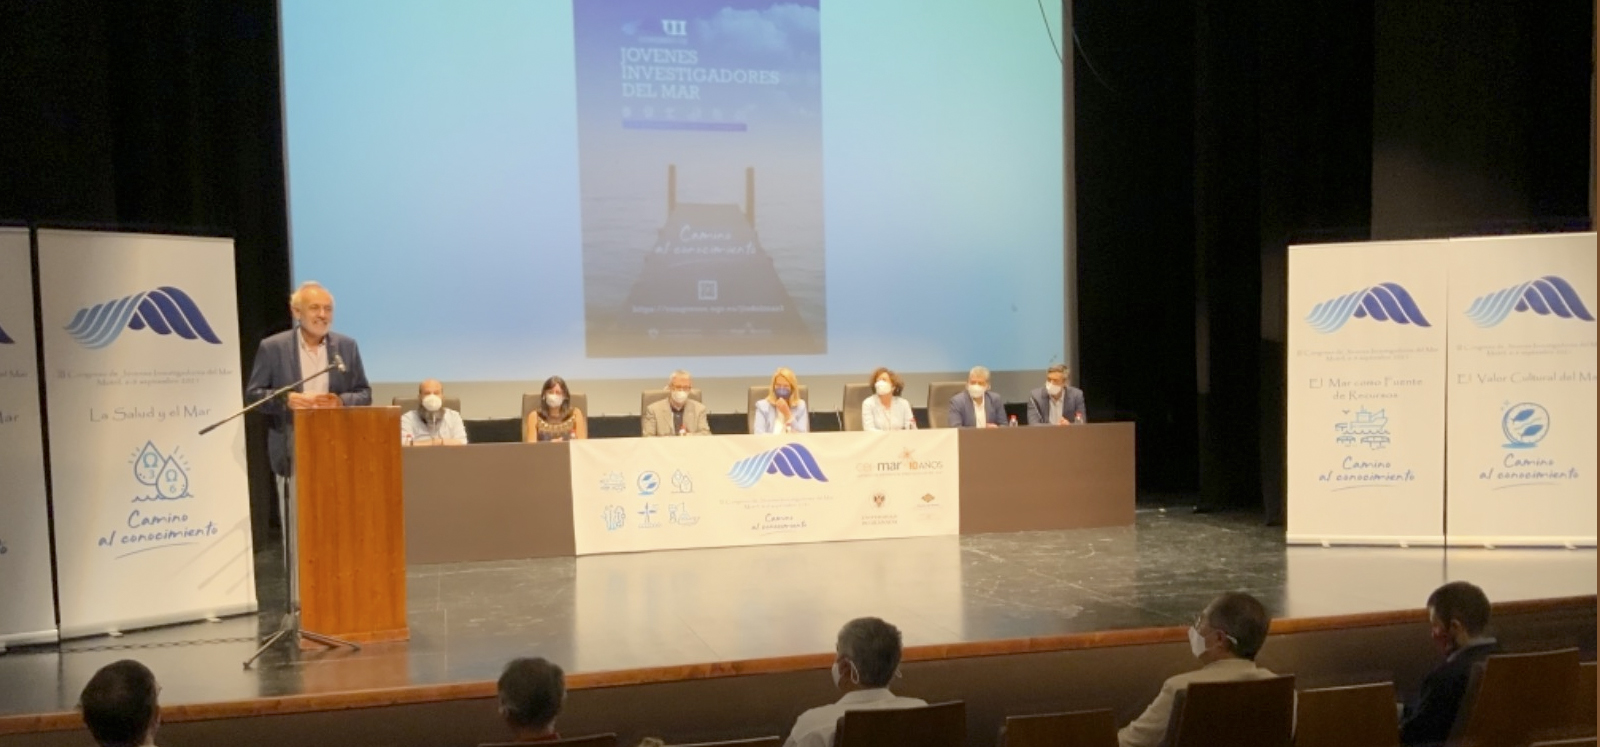 El rector de la UCA subraya que CEI·MAR debe seguir liderando la estrategia de la economía azul desde el Sur de Europa